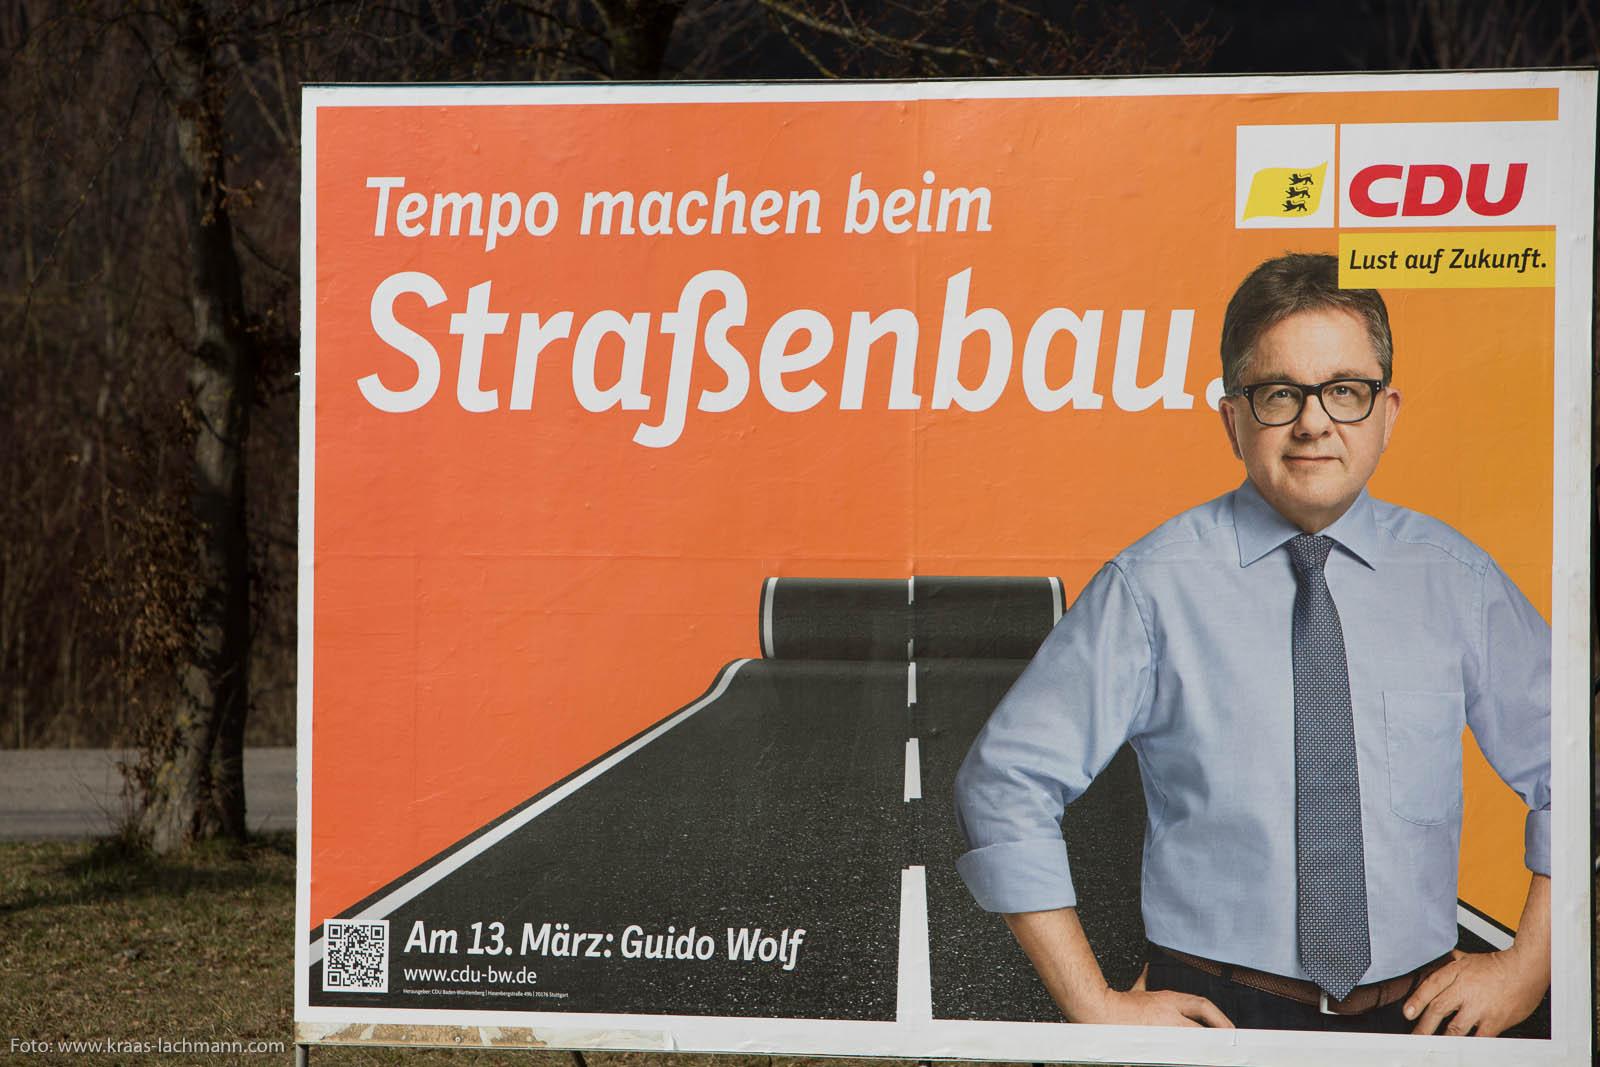 CDU-Spitzenkandidat baut Straßen.